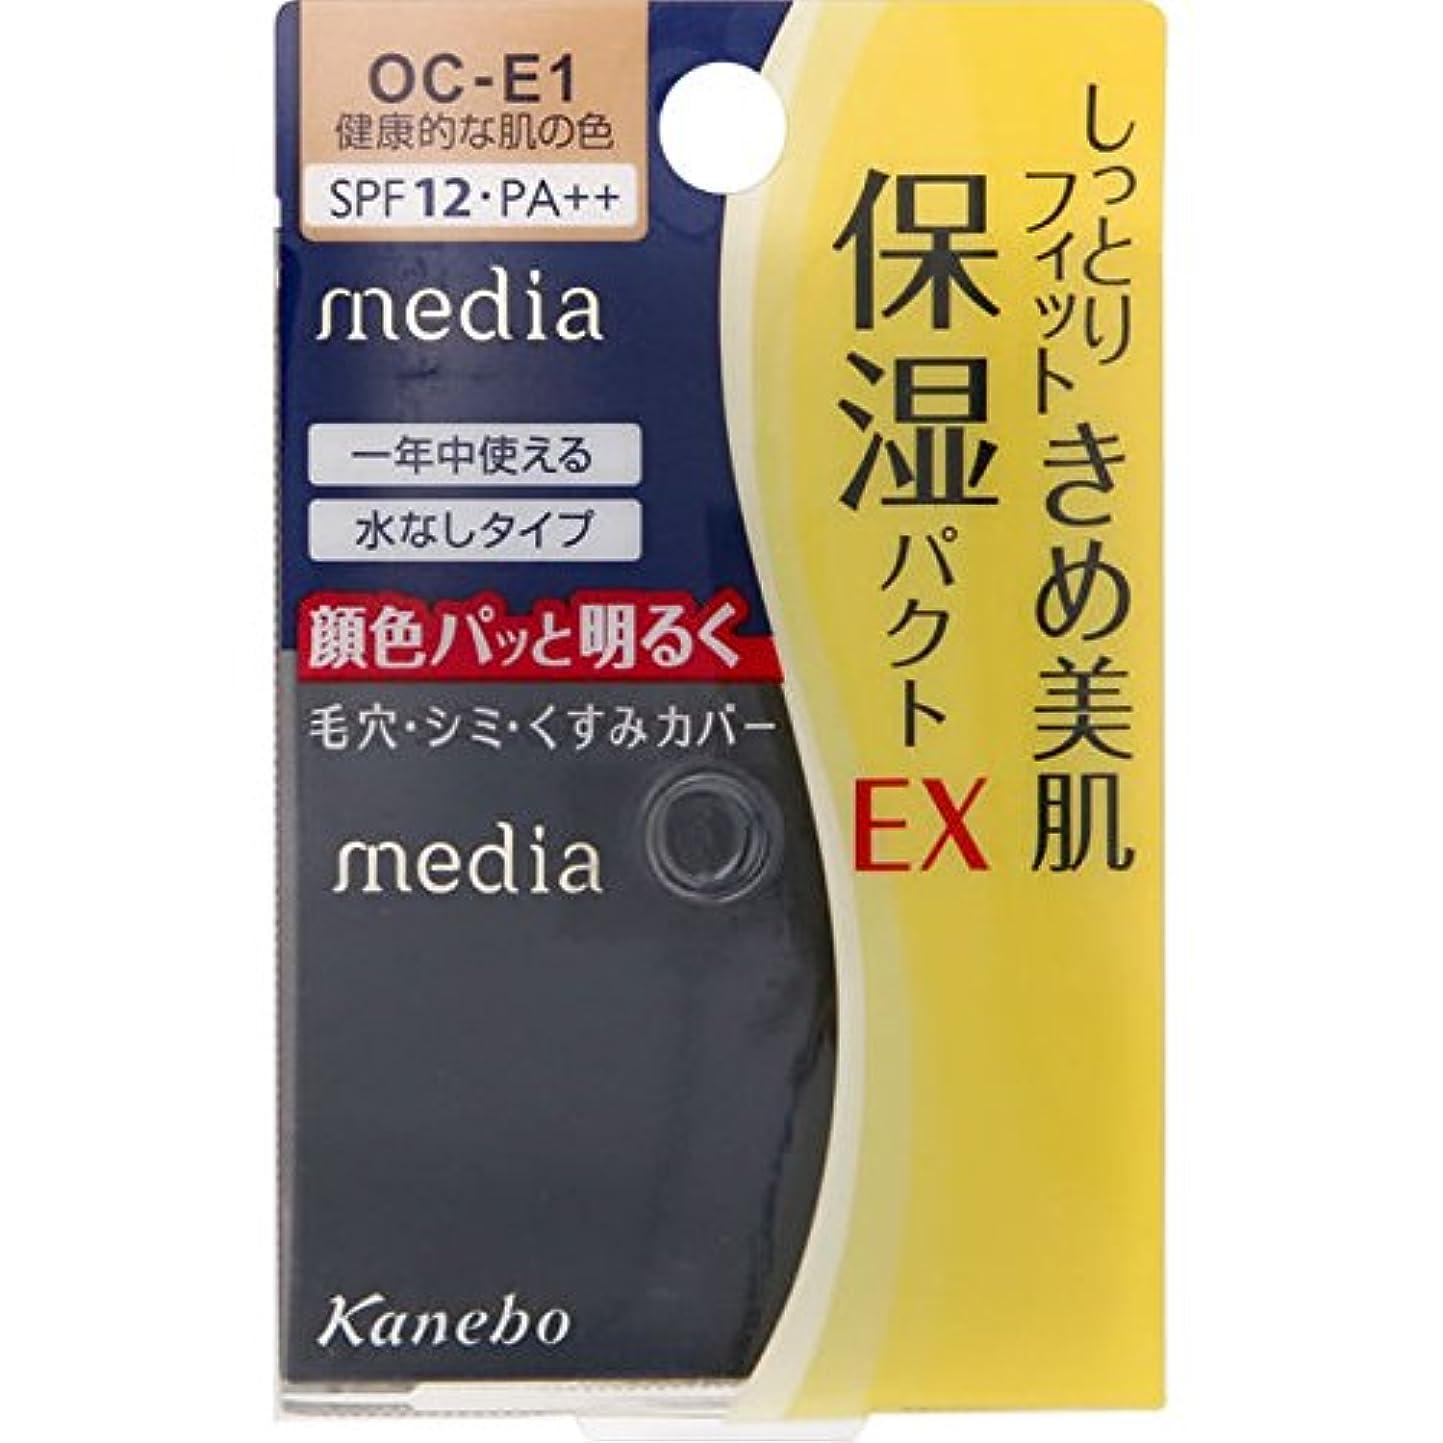 名義で受け入れるカネボウ メディア モイストフィットパクトEX OC-E1(11g)